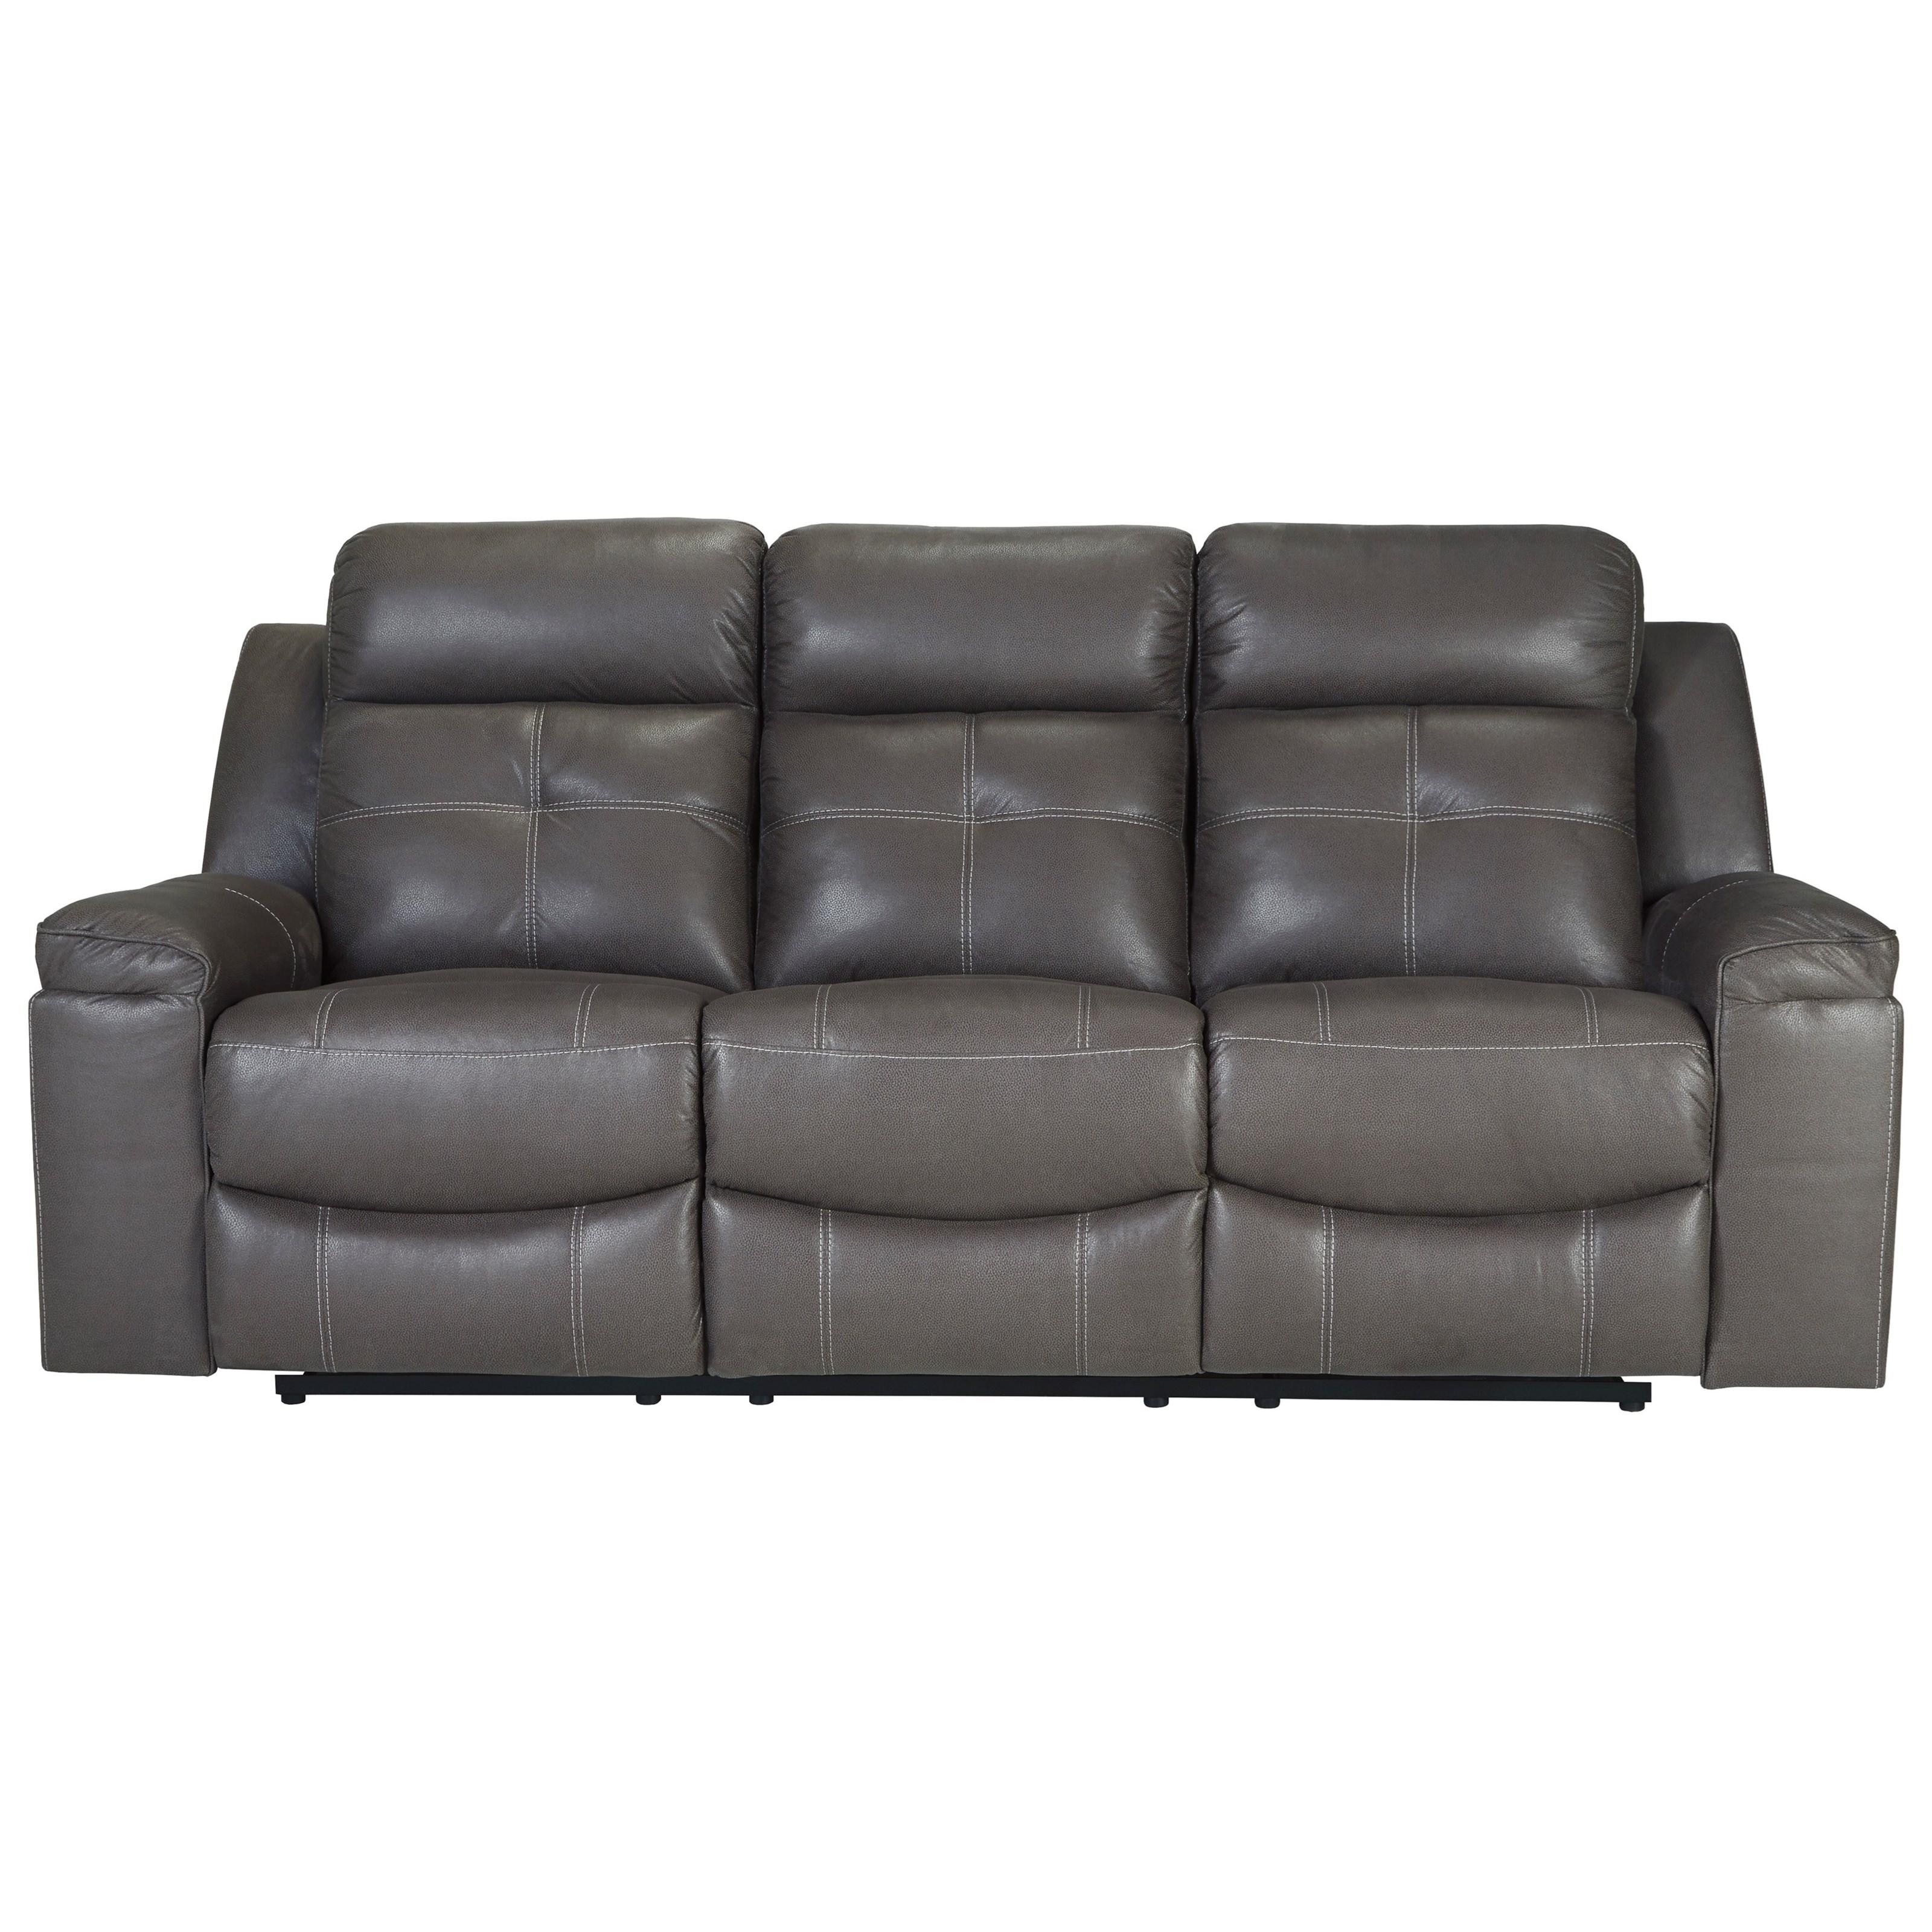 signature design by ashley jesolo contemporary reclining sofasignature design by ashley jesolo contemporary reclining sofa